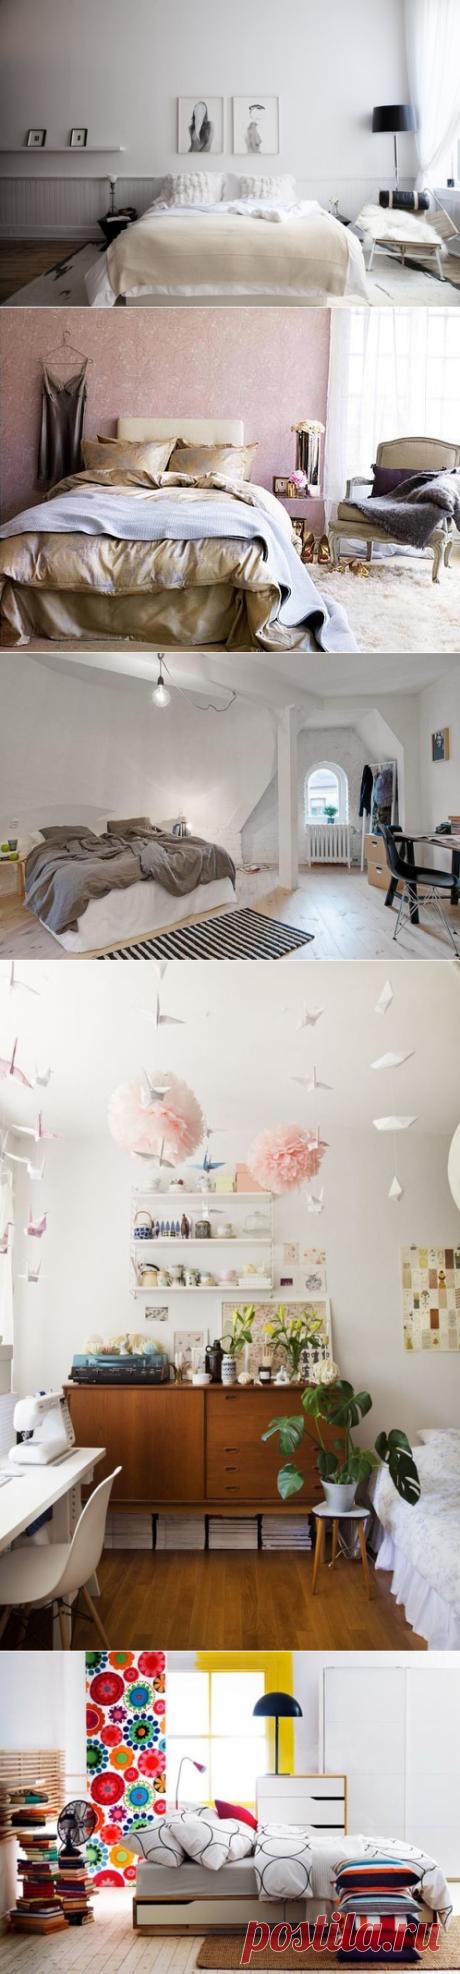 Ремонт спальни: на чем можно сэкономить?